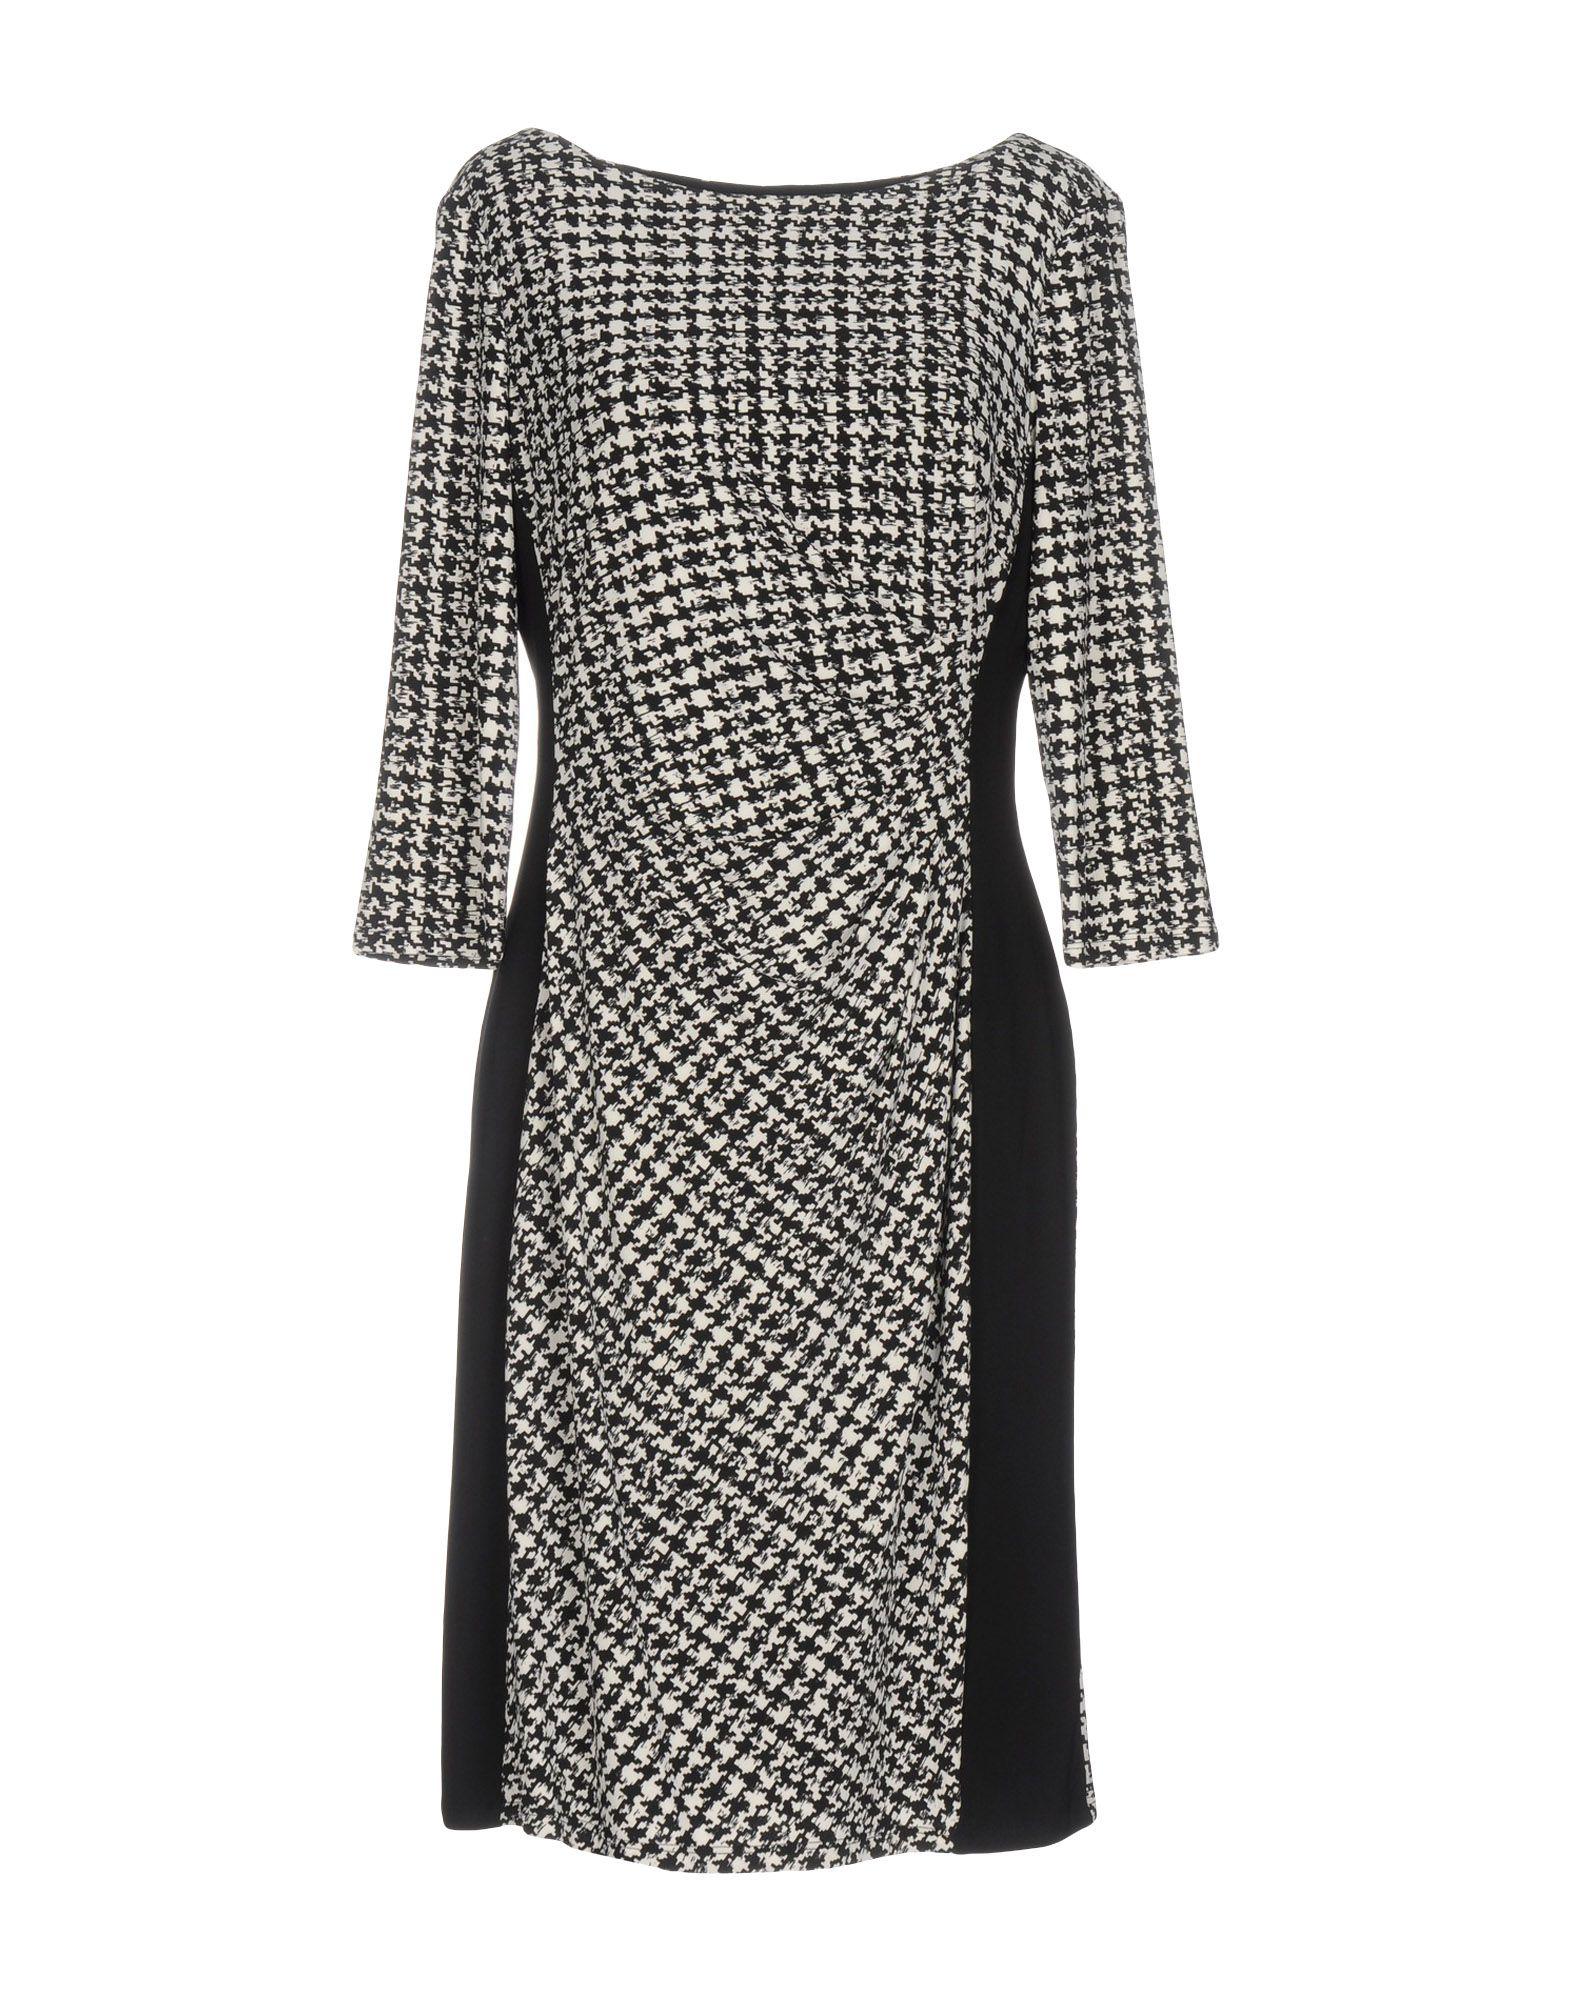 LAUREN by RALPH LAUREN Short dresses